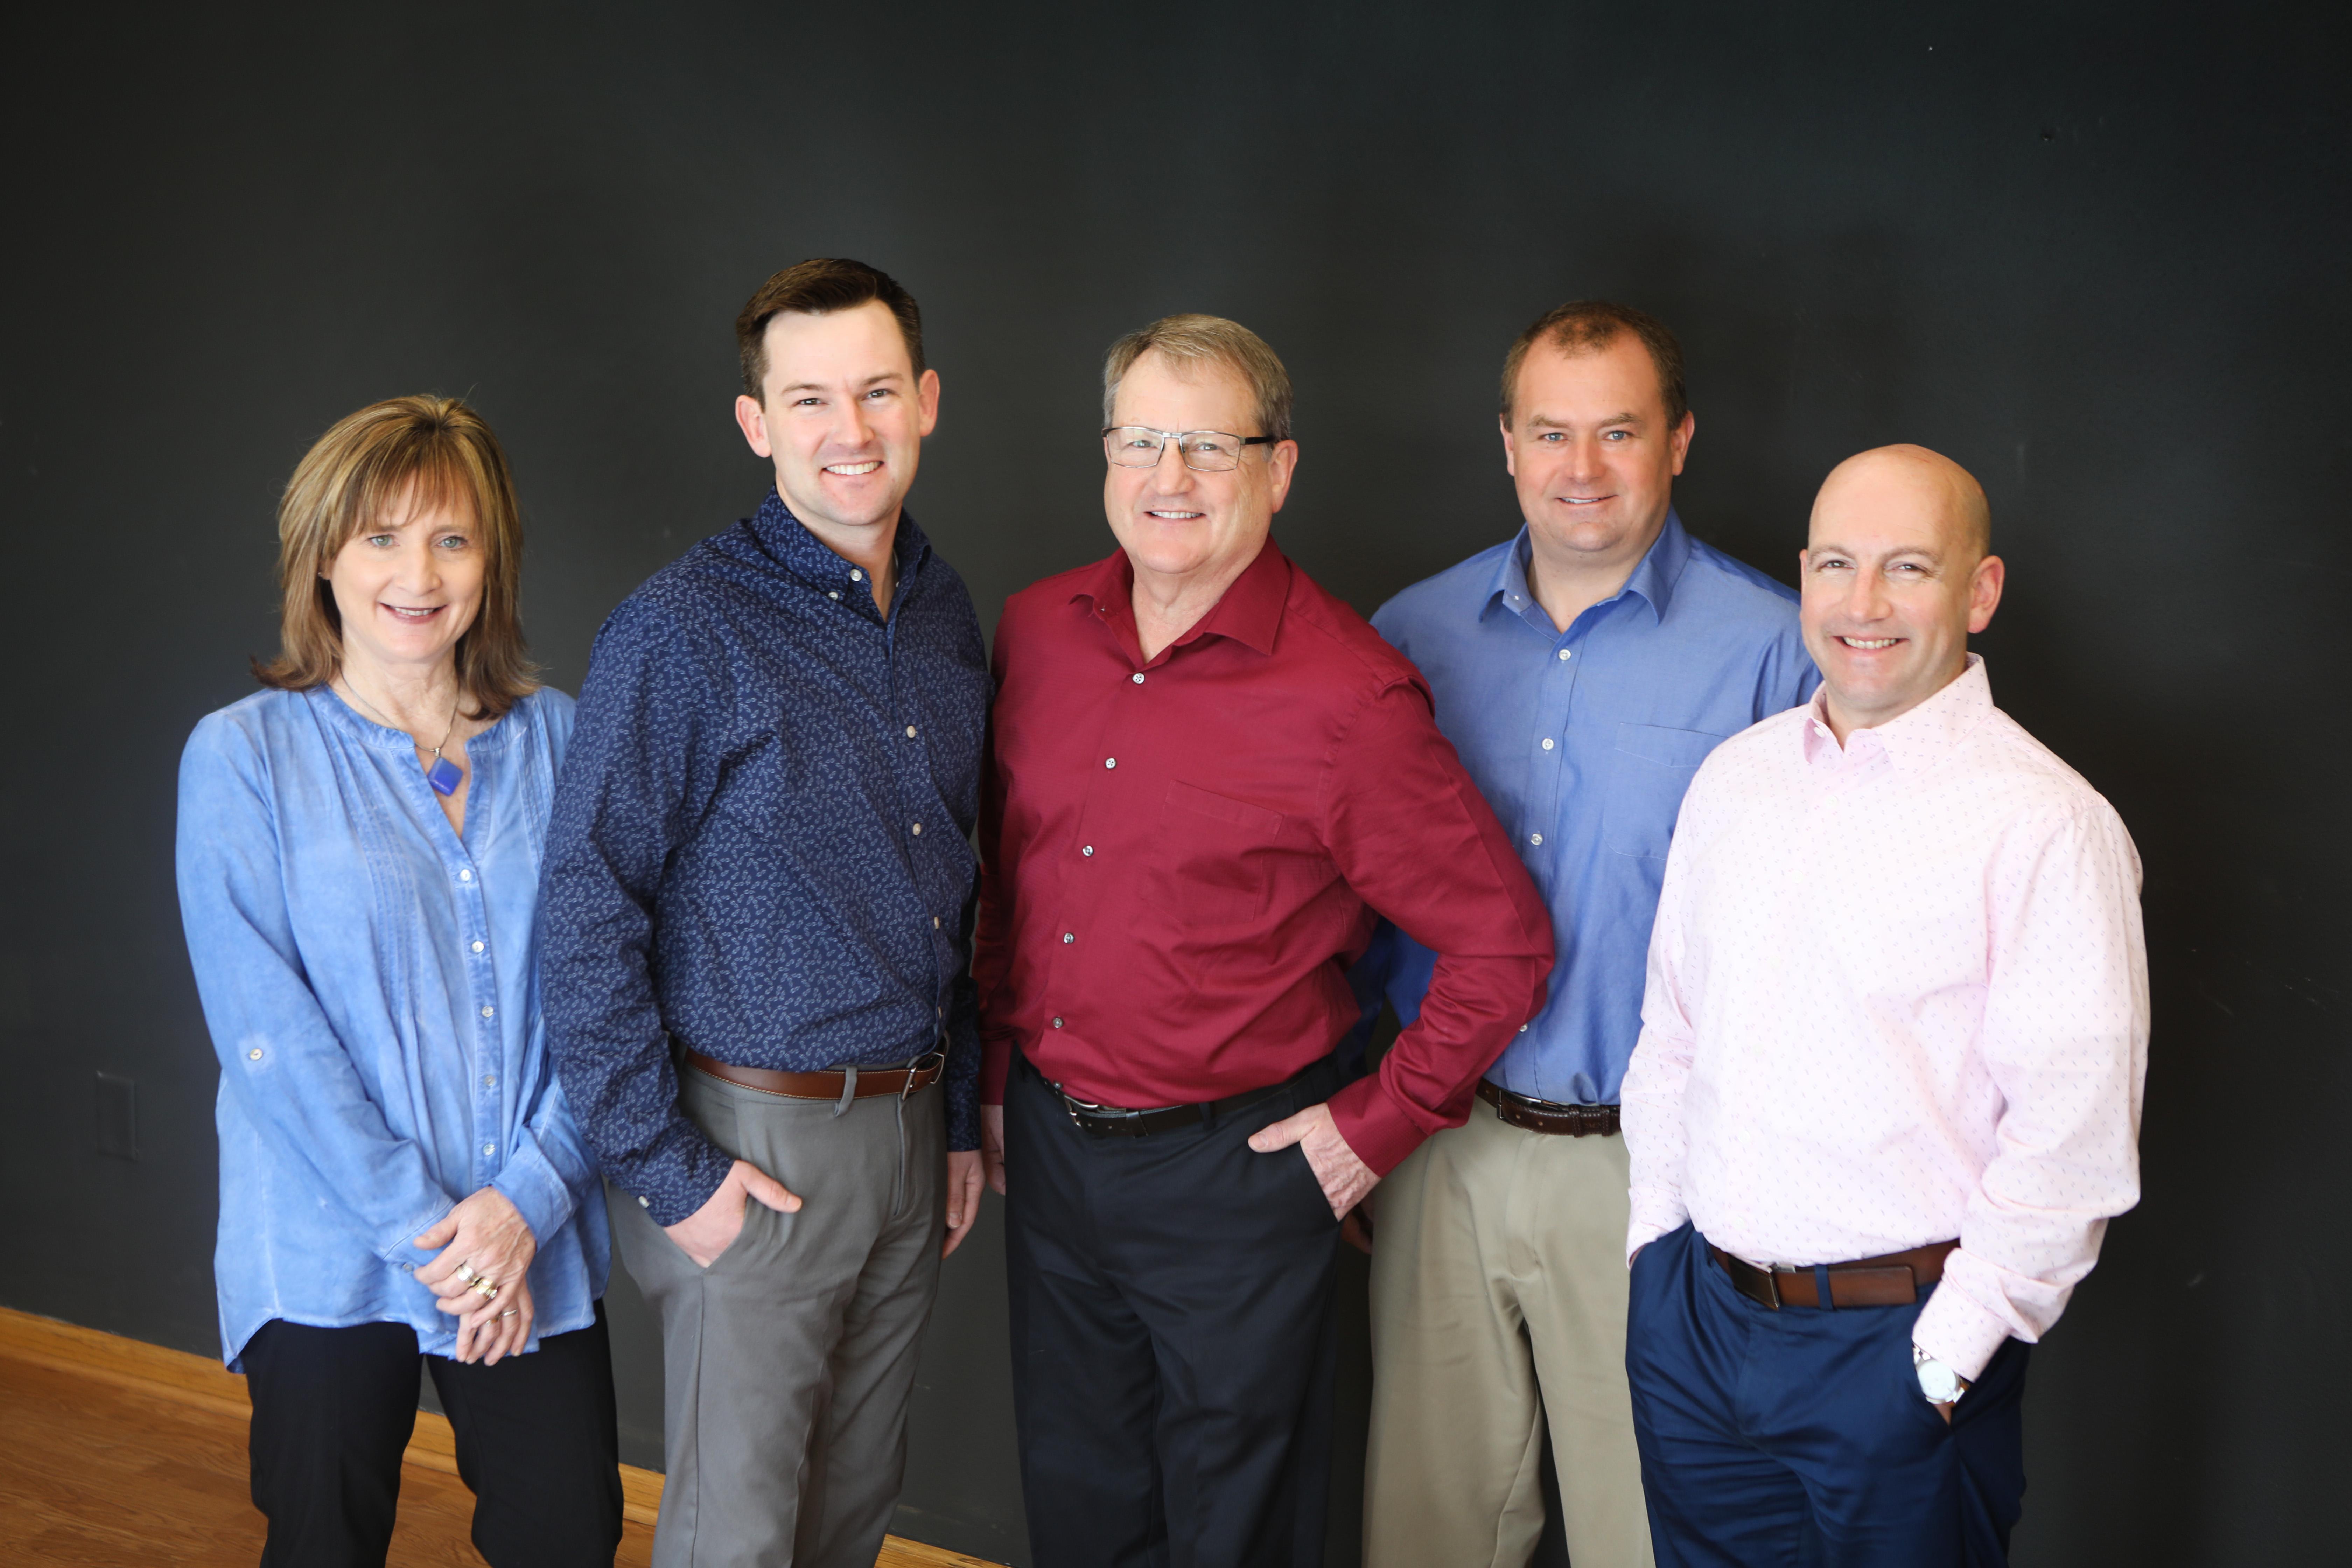 The Mike Richgels Team